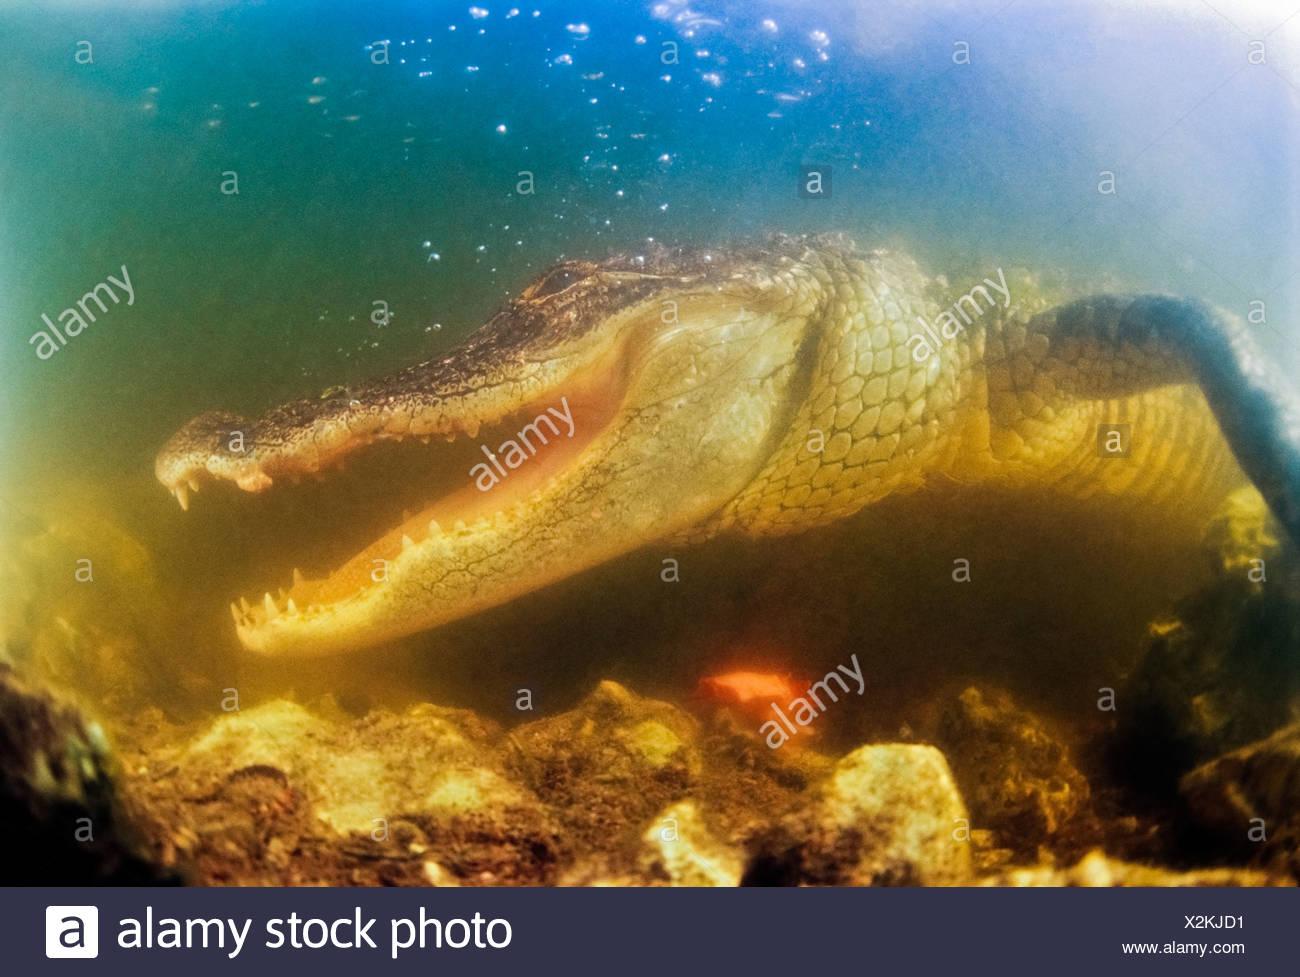 Con pinzas cocodrilo americano de agape Imagen De Stock